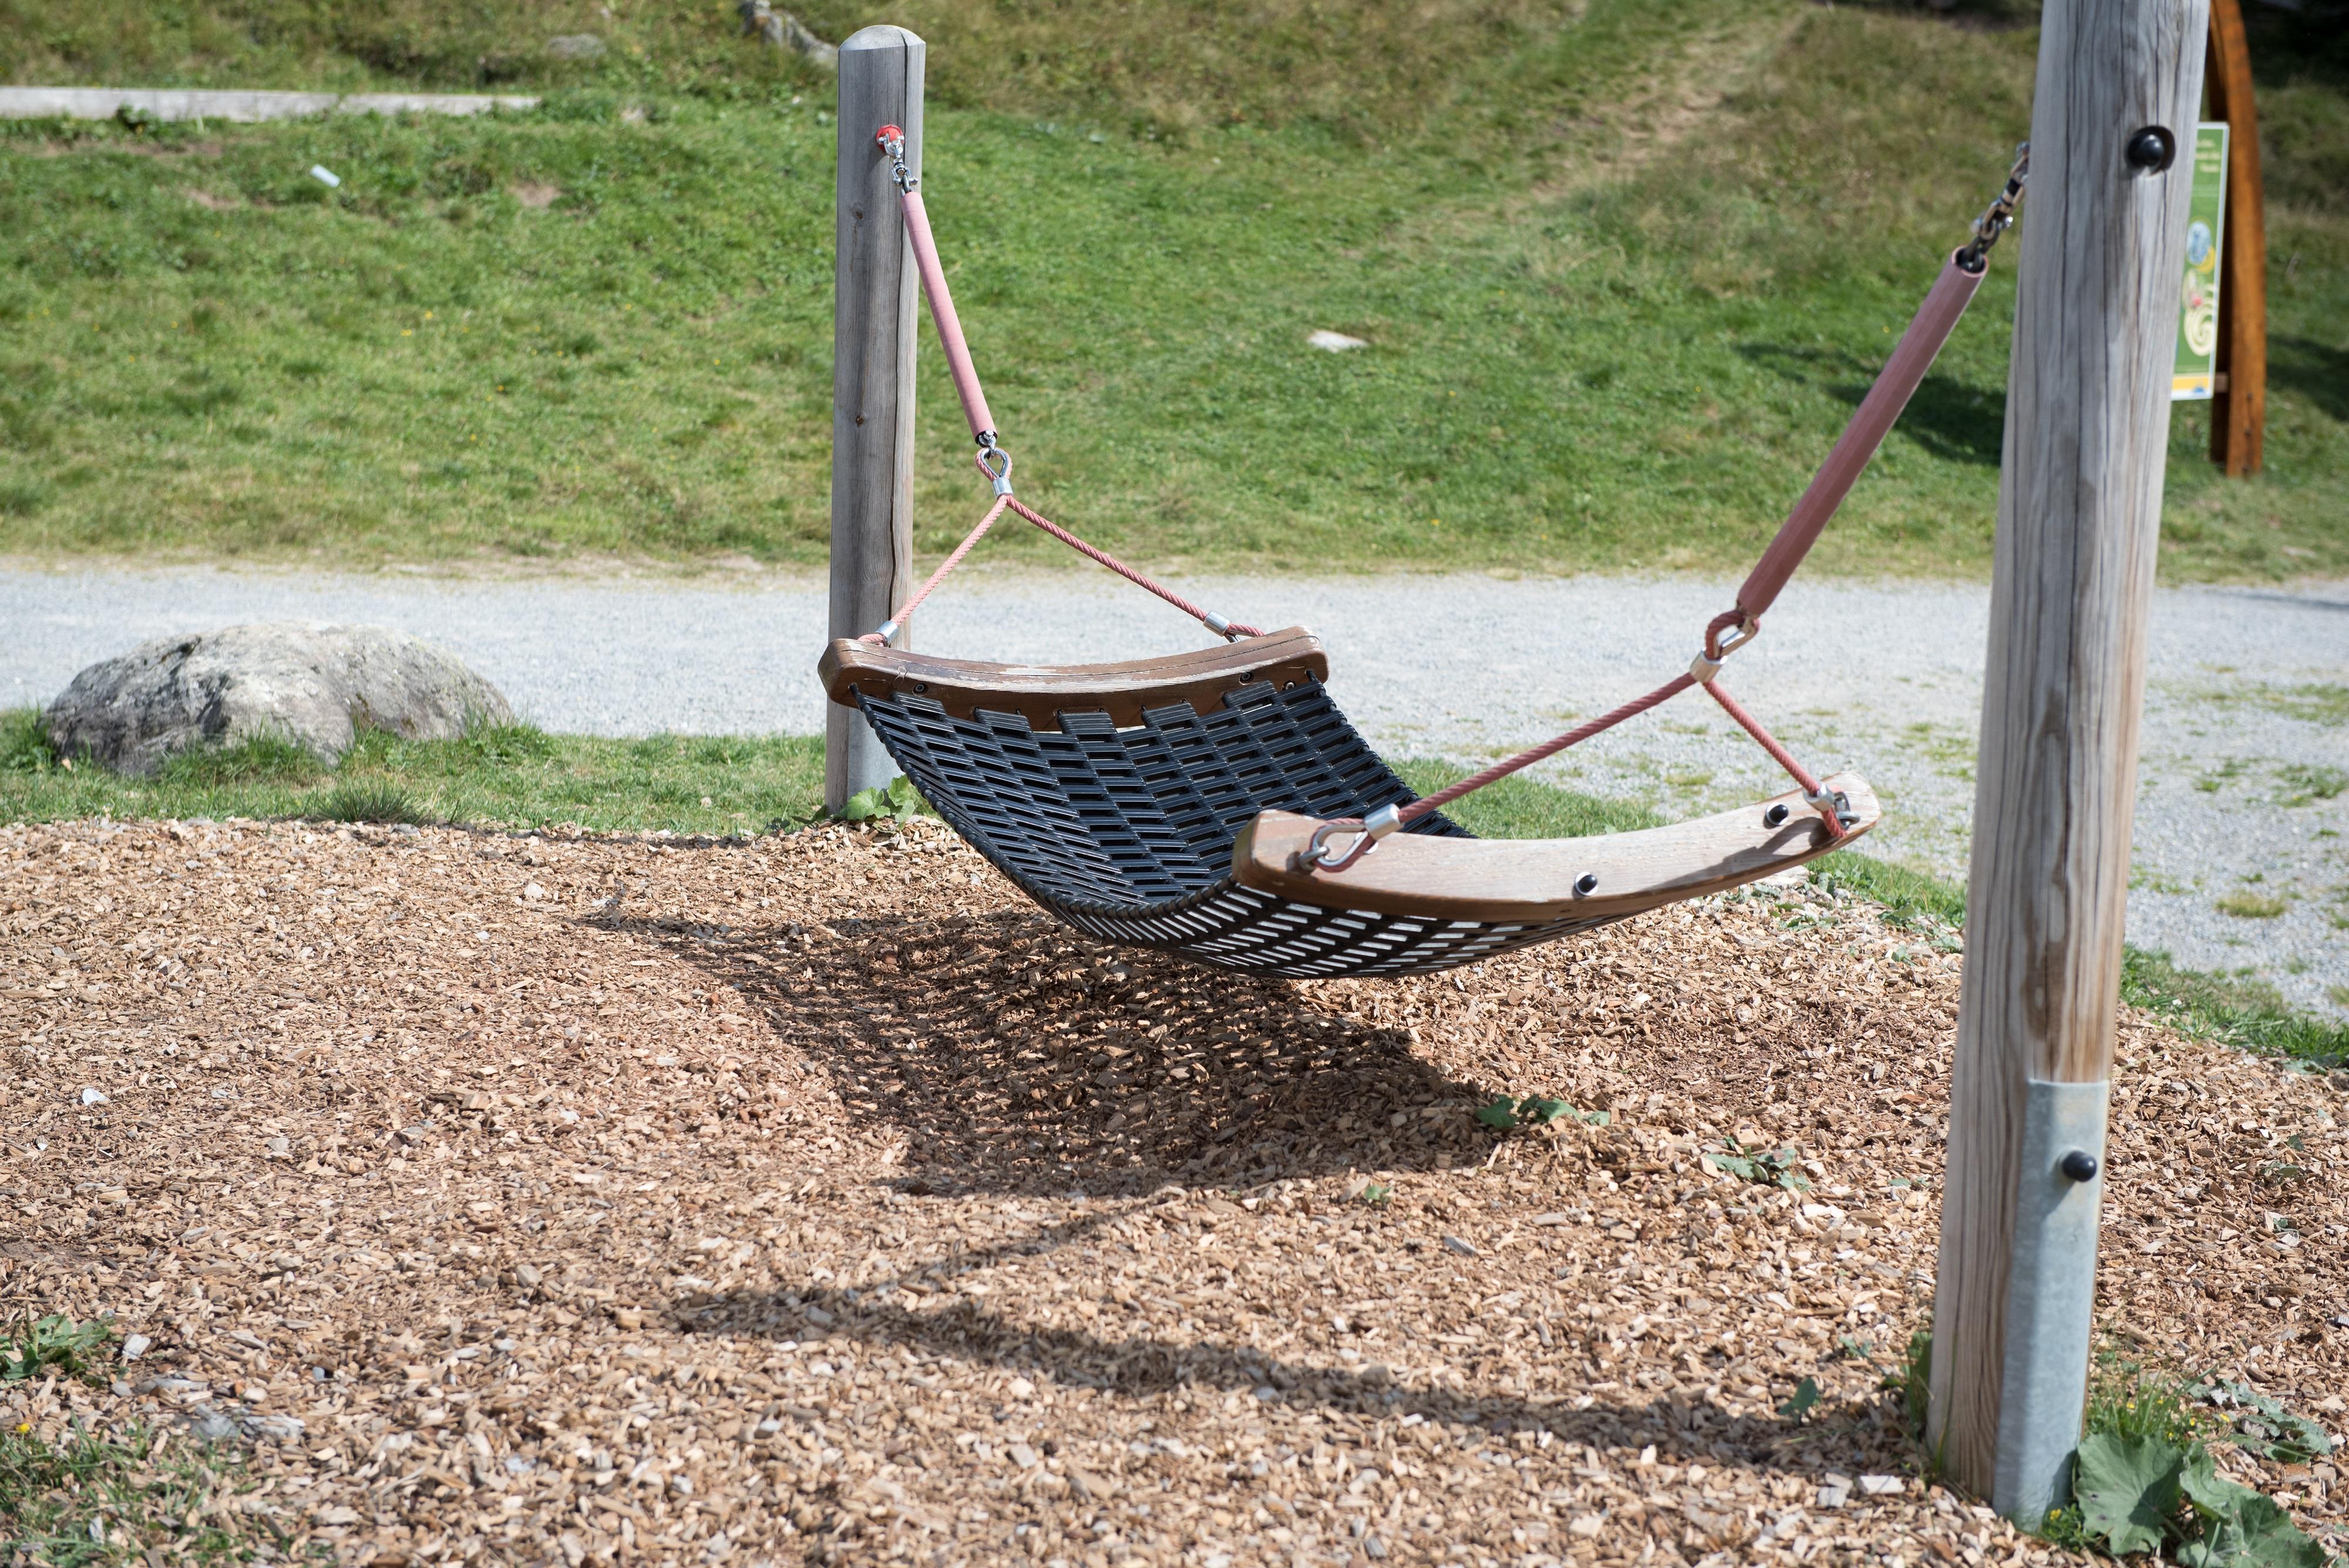 kostenlose foto natur fahrzeug entspannen sie sich hinterhof leer sich ausruhen swing. Black Bedroom Furniture Sets. Home Design Ideas